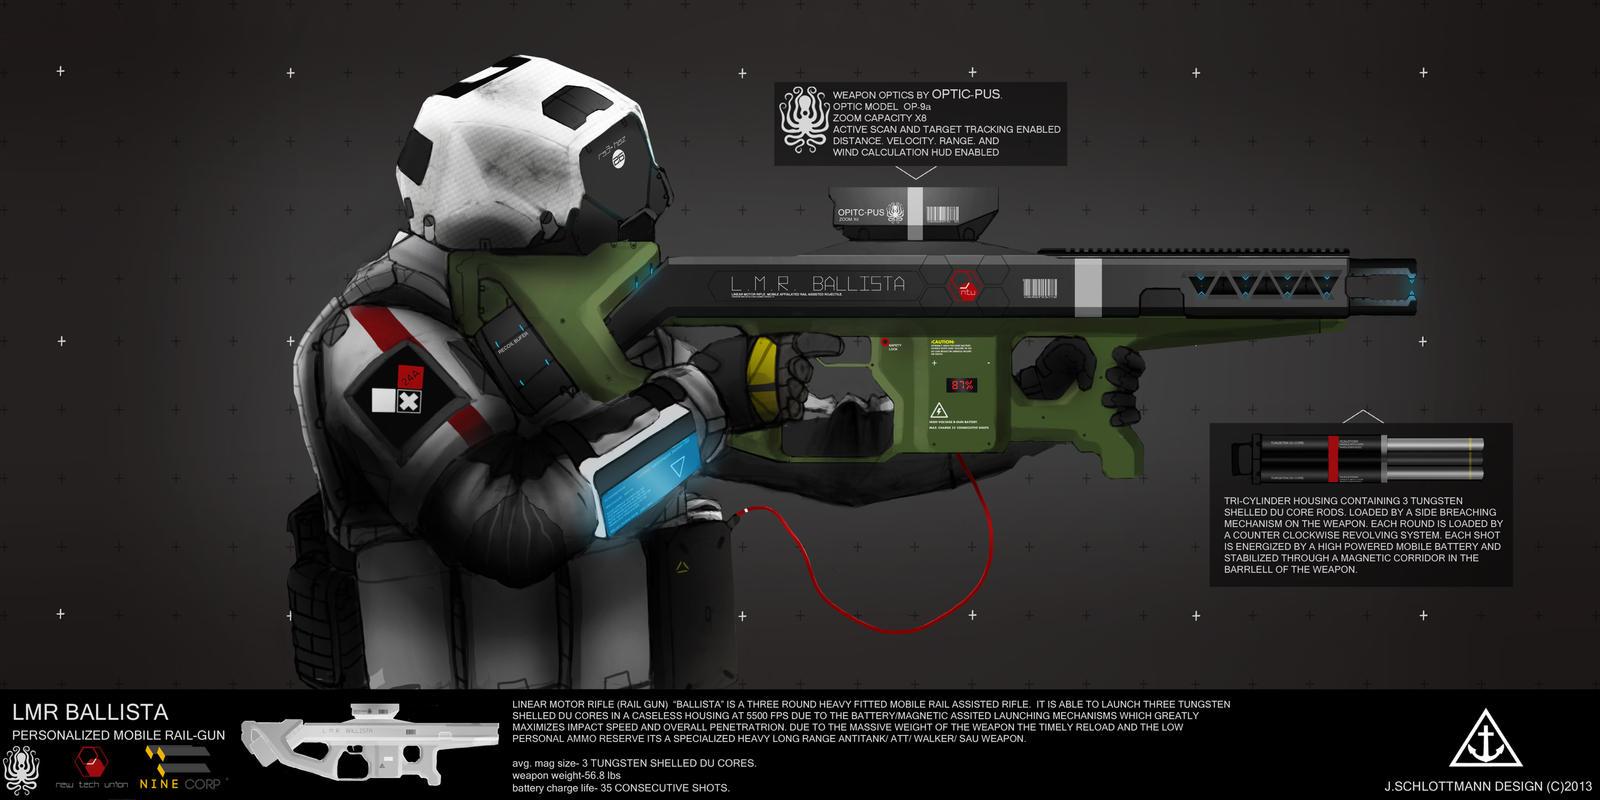 LMR BALLISTA railgun by FutureFavorite